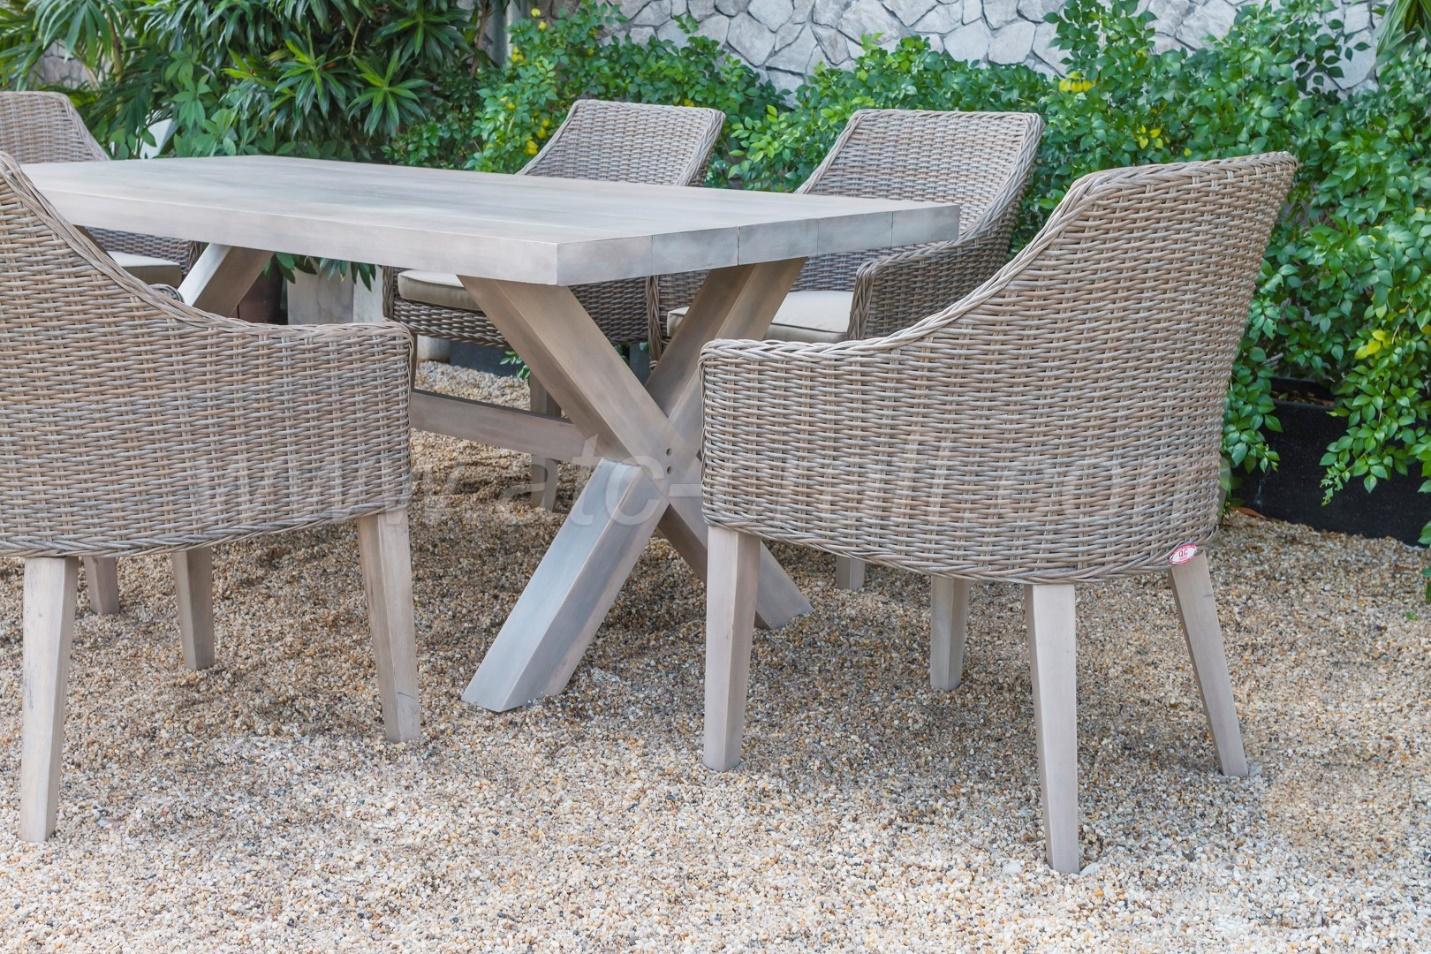 Sửa chửa chân ghế bị lung lay - chia sẻ từ nhà sản xuất ngoại thất ATC Furniture